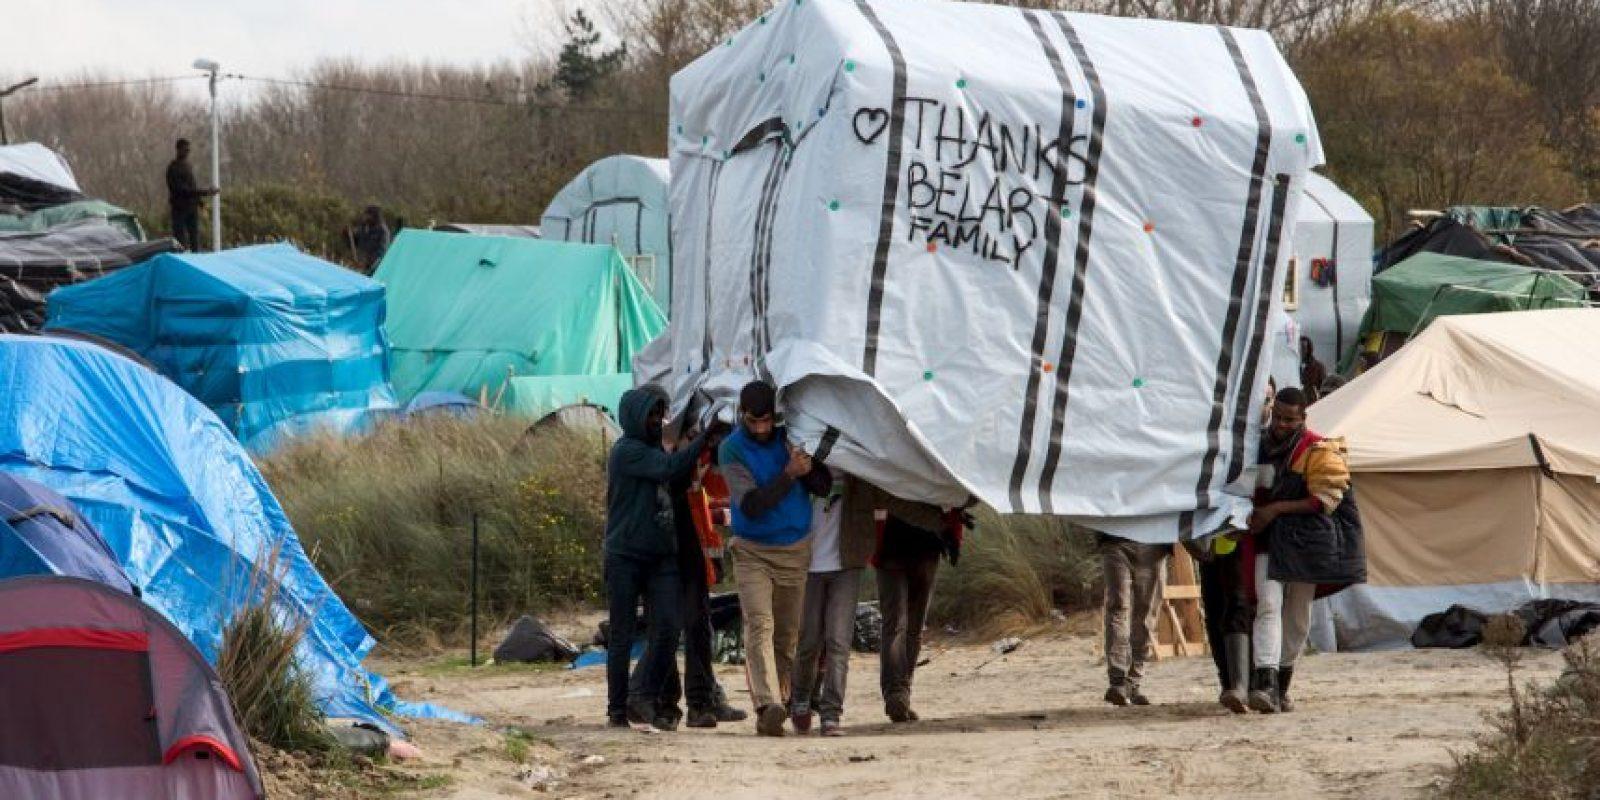 Migrantes mueven una tienda en Calais, Francia. Foto:AFP